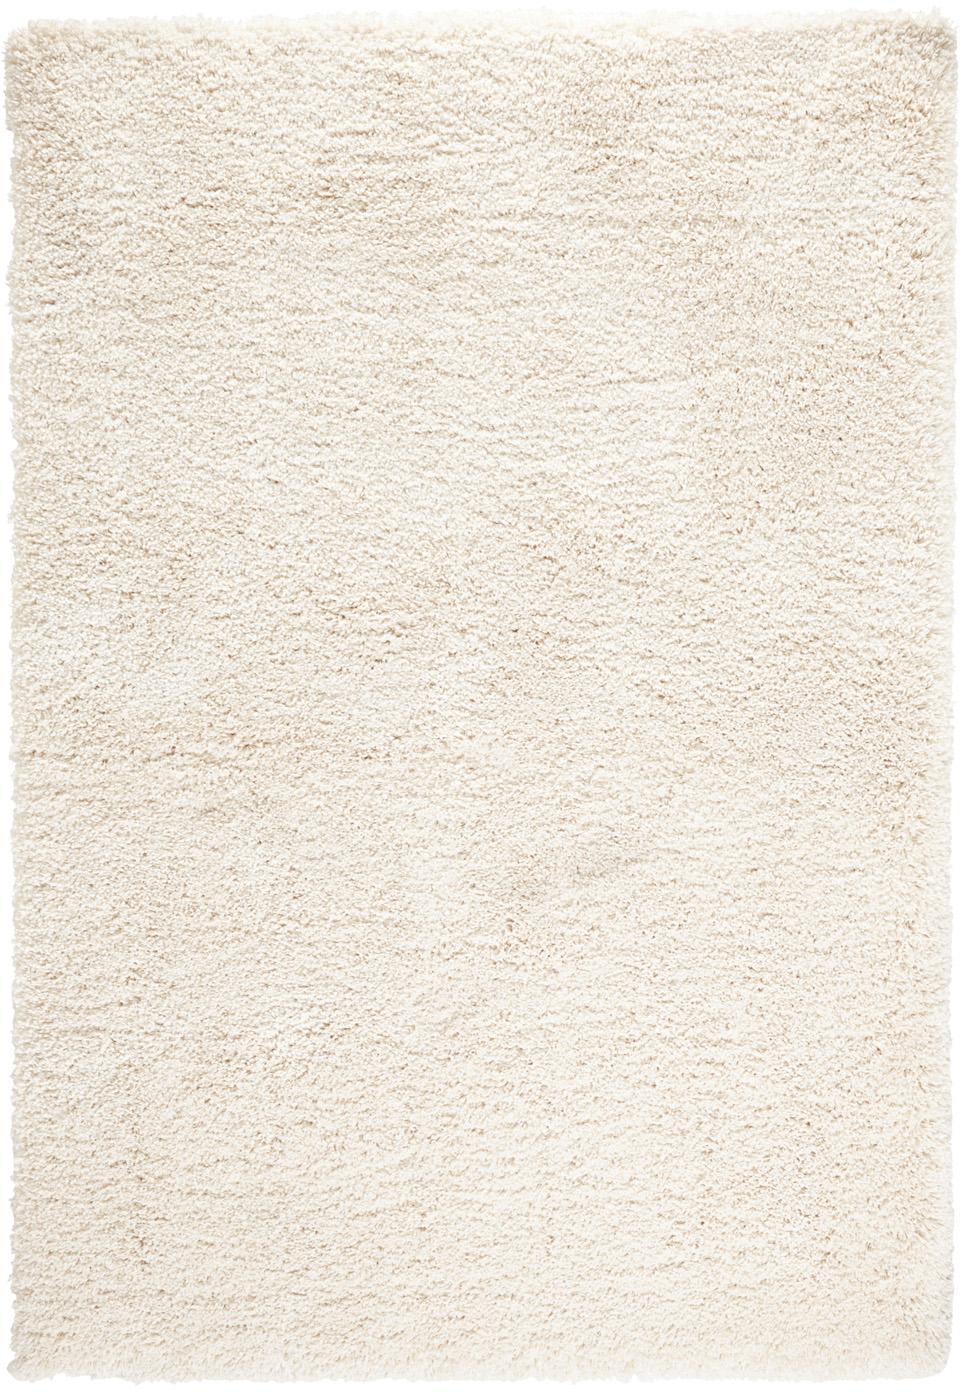 Tappeto a pelo lungo color crema Venice, Retro: juta, Crema, Larg. 80 x Lung. 150 cm (taglia XS)